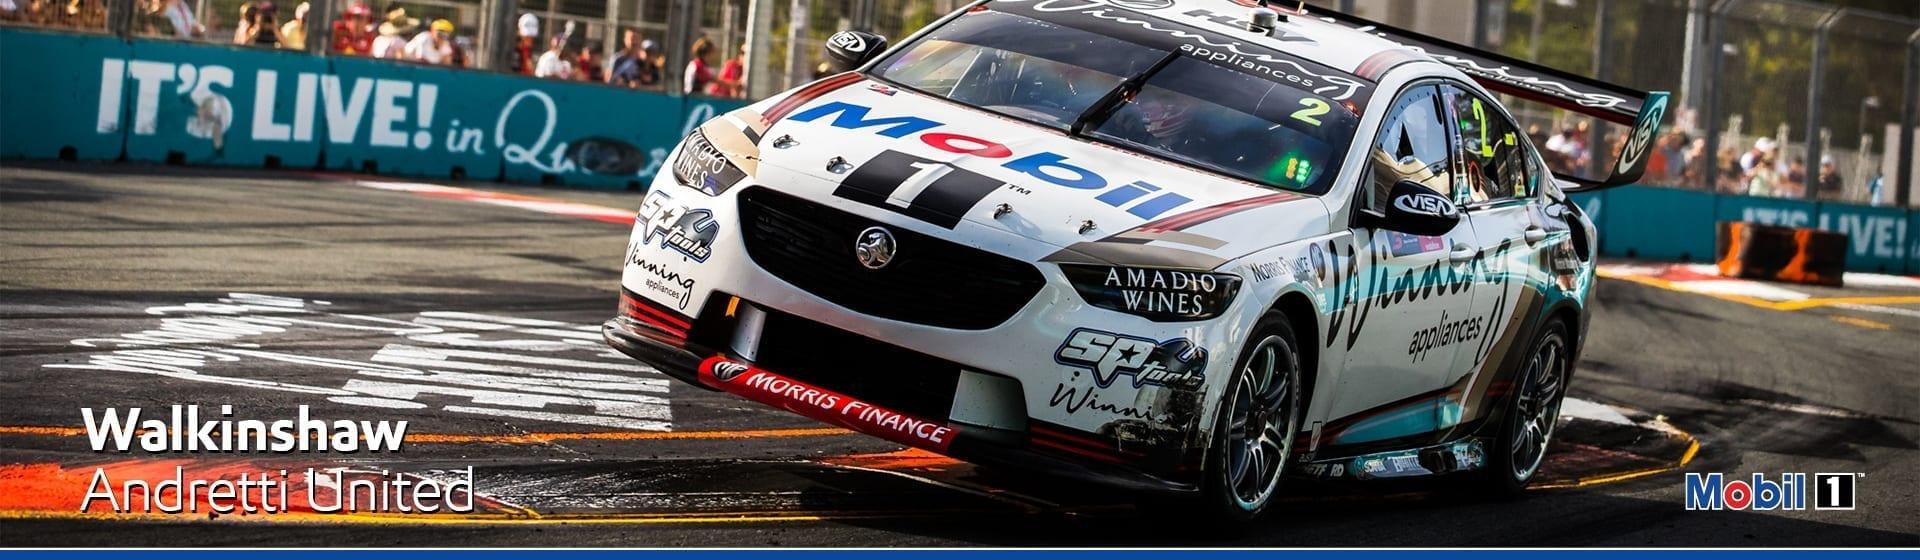 M1 - Web_Heroes-Motorsport-WAU2